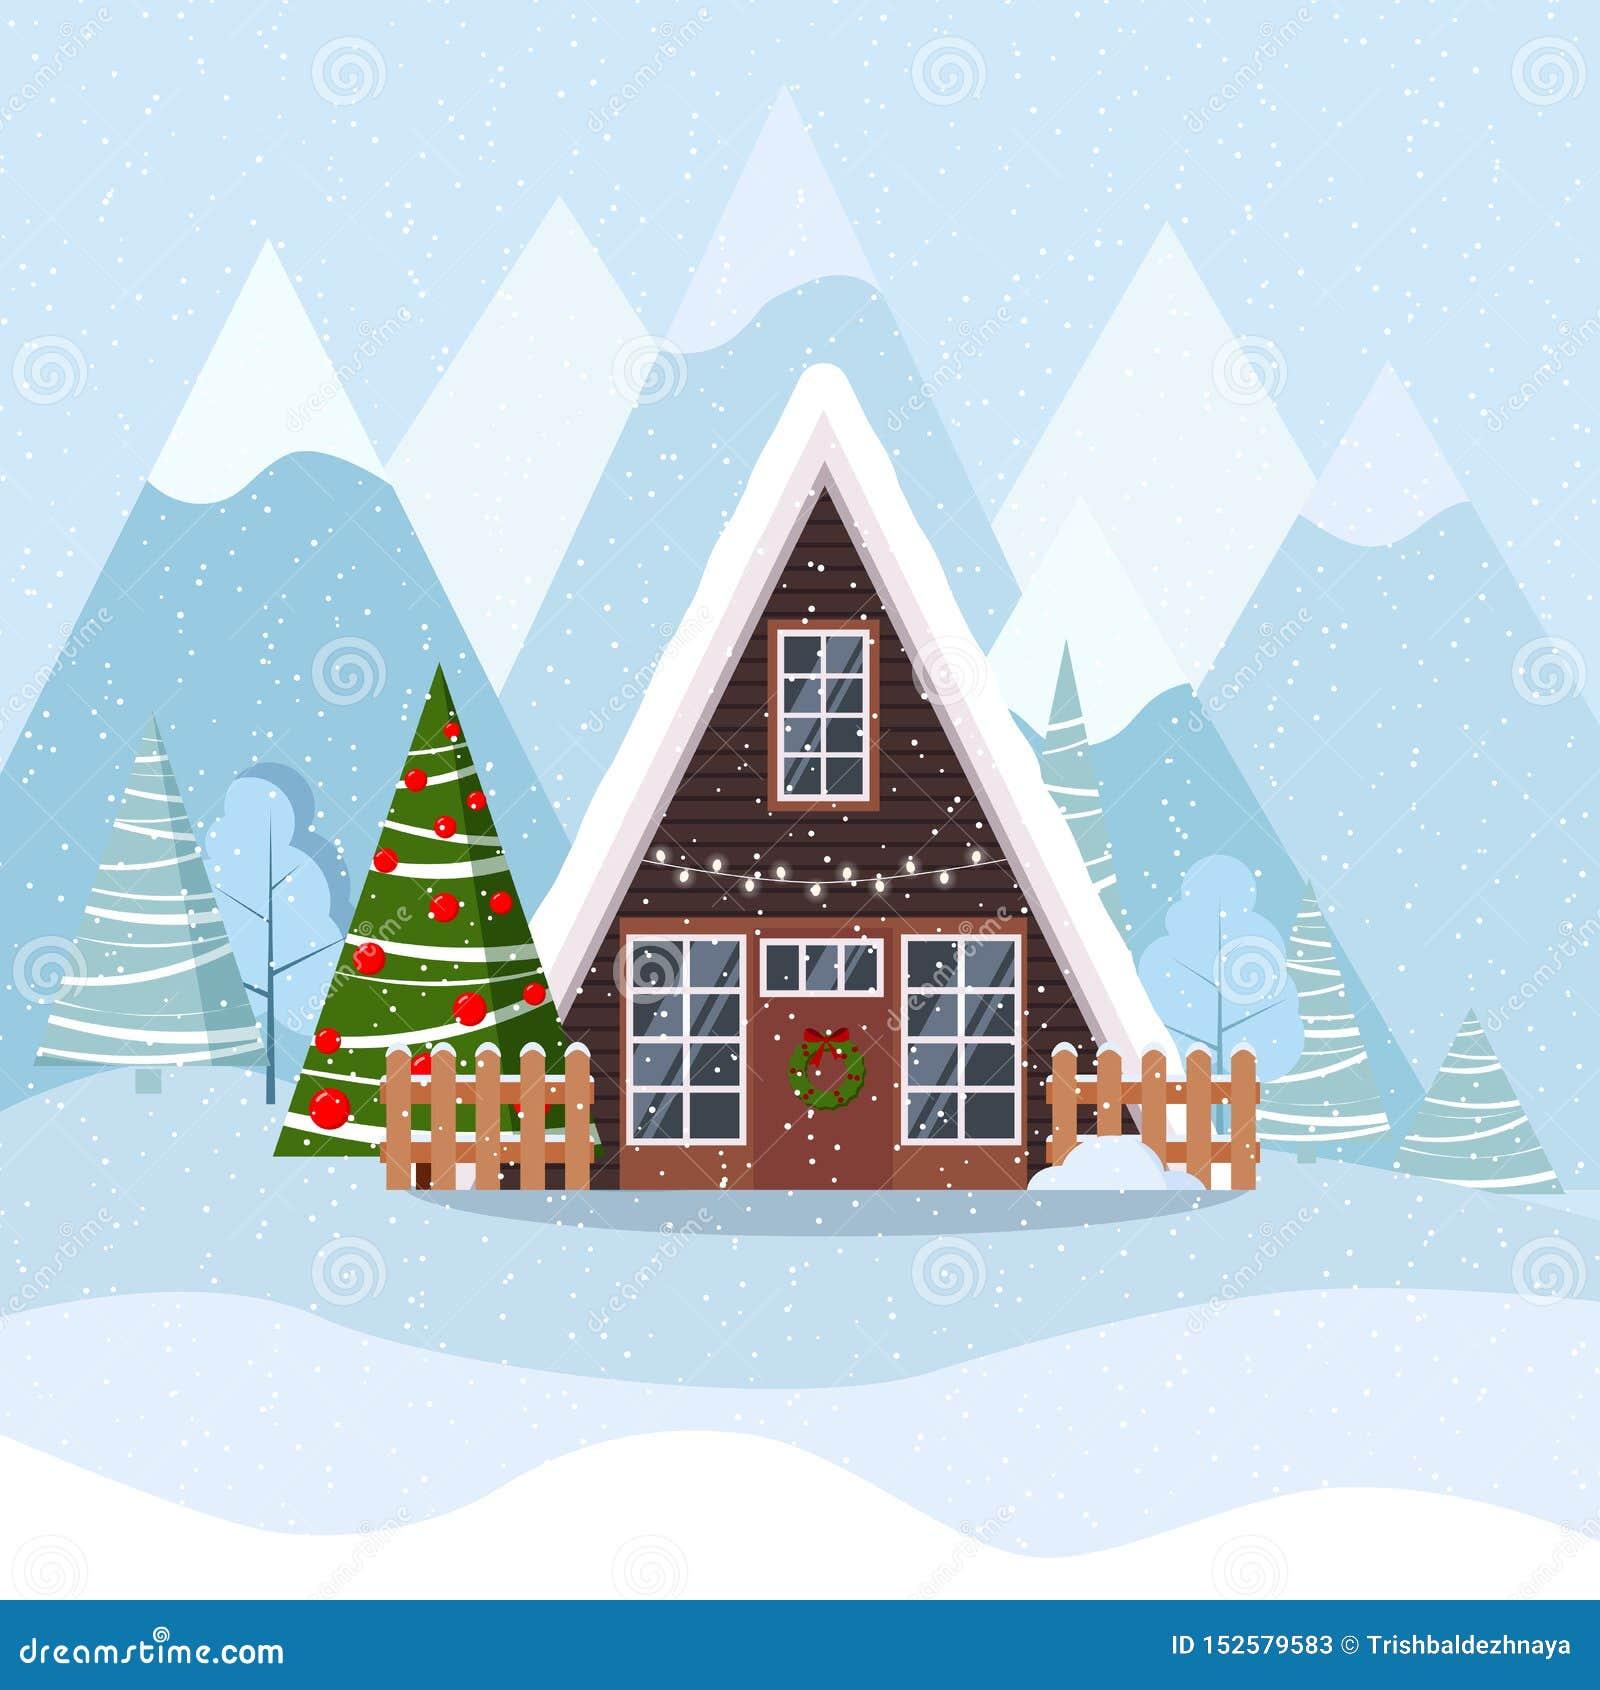 Winterweihnachtslandschaft mit Einrahmenhaus in skandinavische Art verzierter Girlande und in Kranz